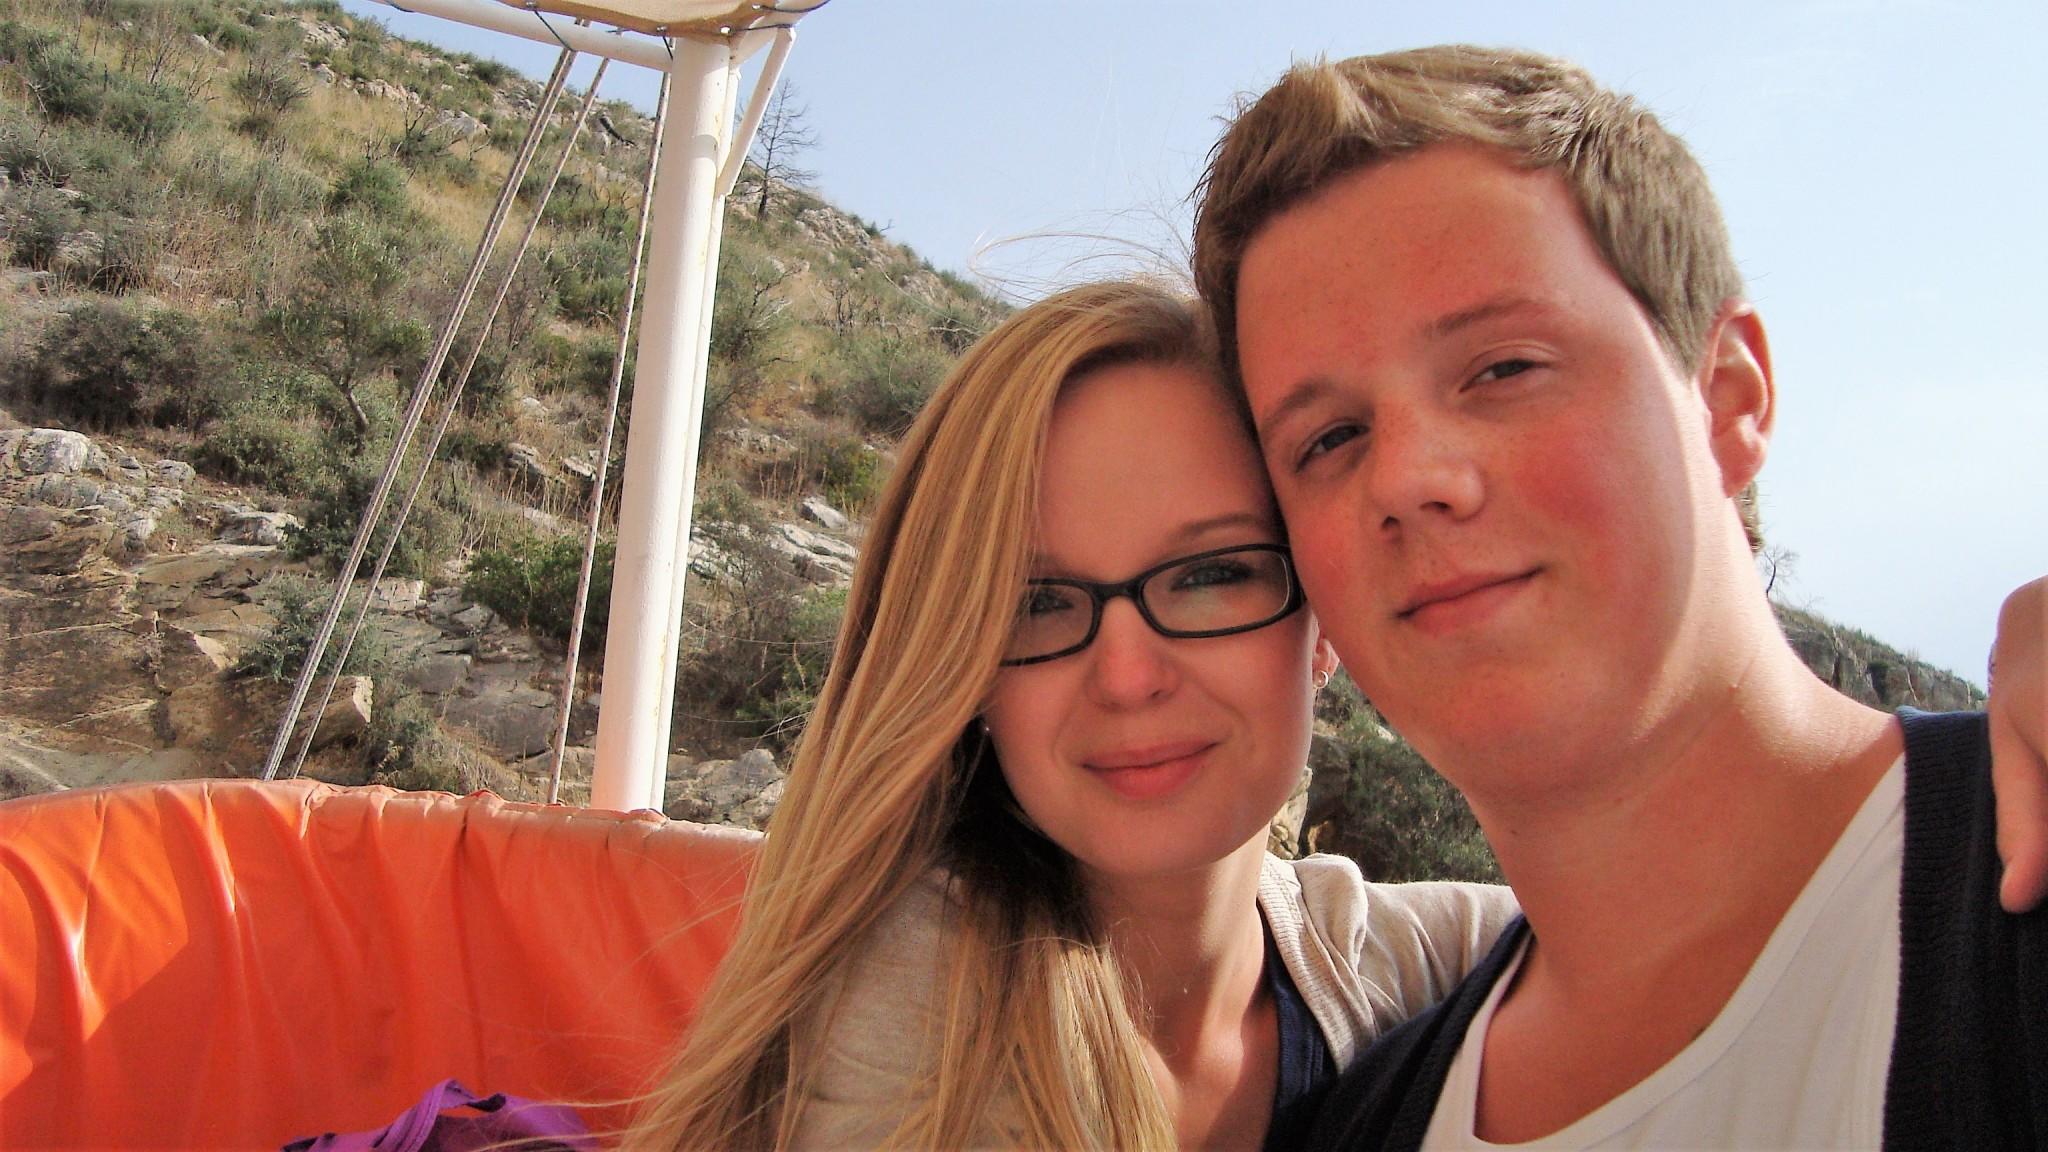 Samen Turkije - Onze eerste vakantie als stel & op vakantie zonder kinderen?